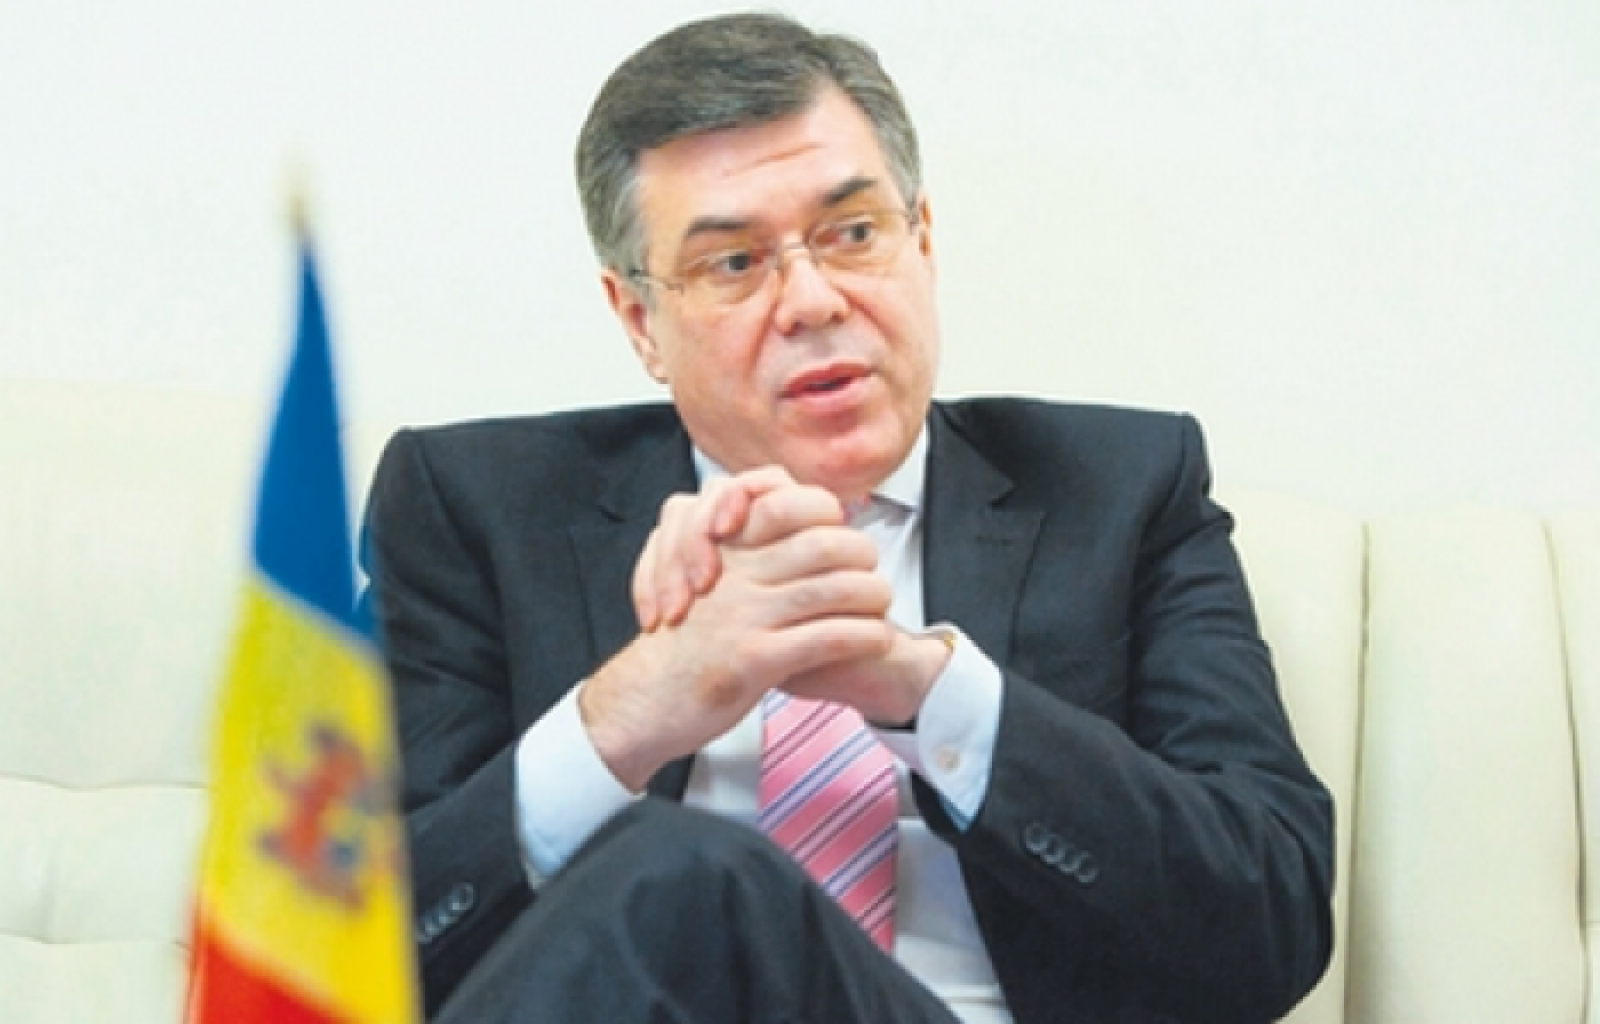 """(update) Iurie Reniță: Andrei Galbur, """"cel mai insipid ministru"""", iar Iurie Leancă, """"face parte din categoria marilor profitori şi oportunişti"""". Reacția lui Iurie Leancă"""